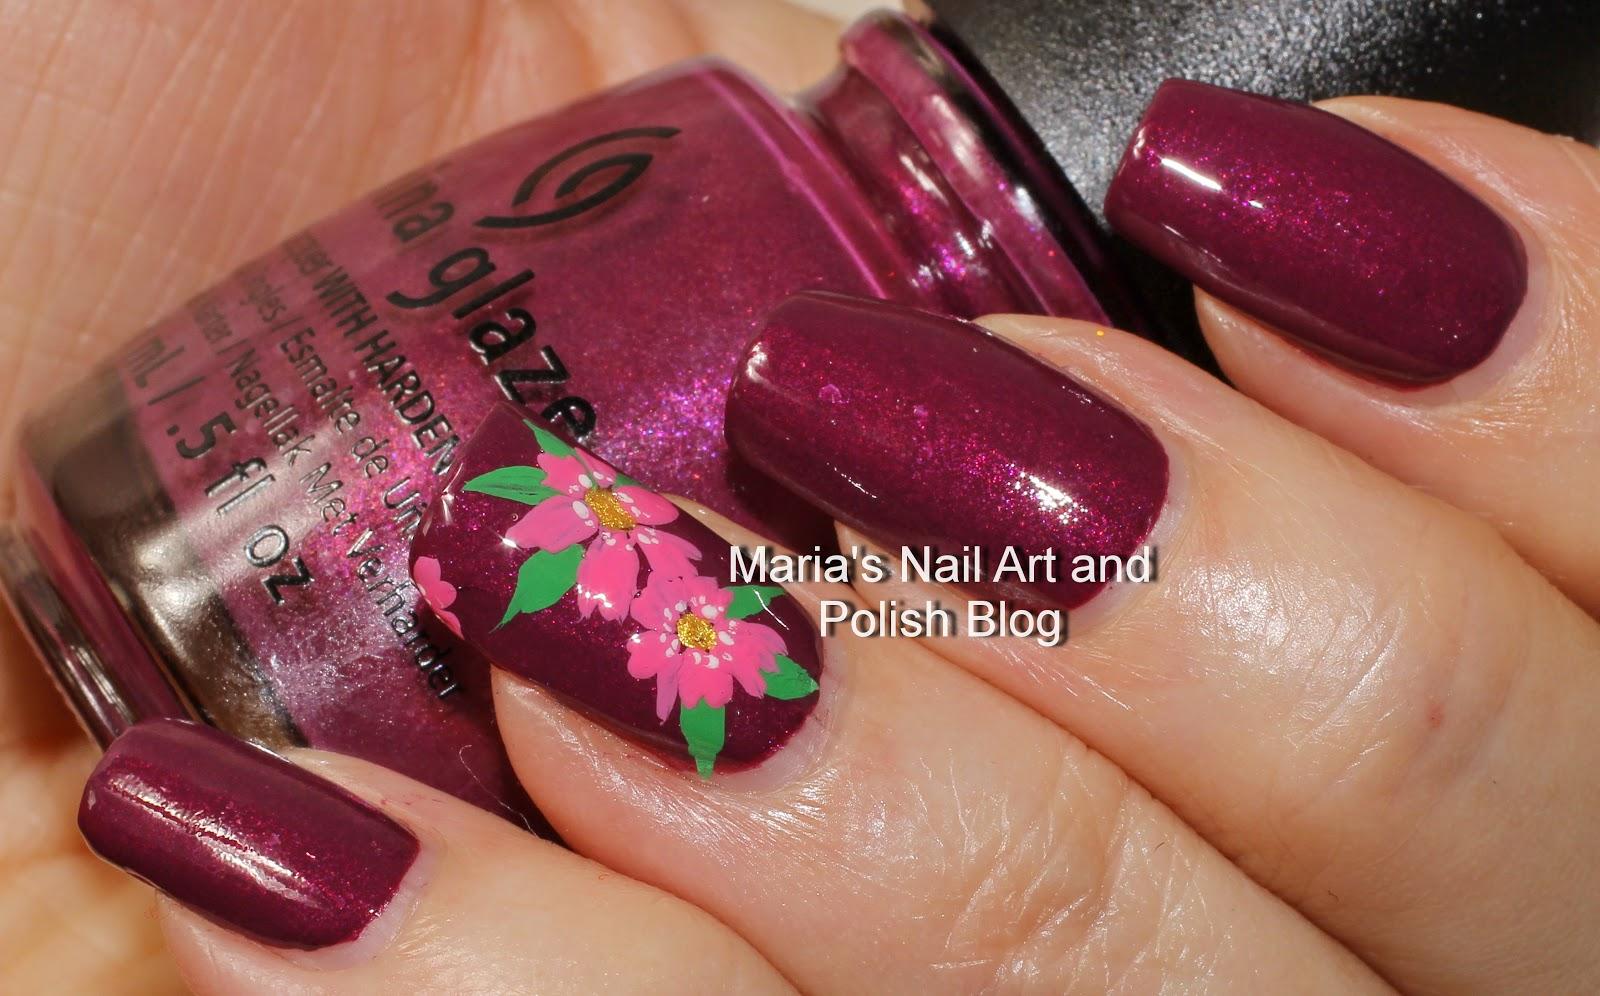 Marias Nail Art and Polish Blog: Nice Caboose floral nail art